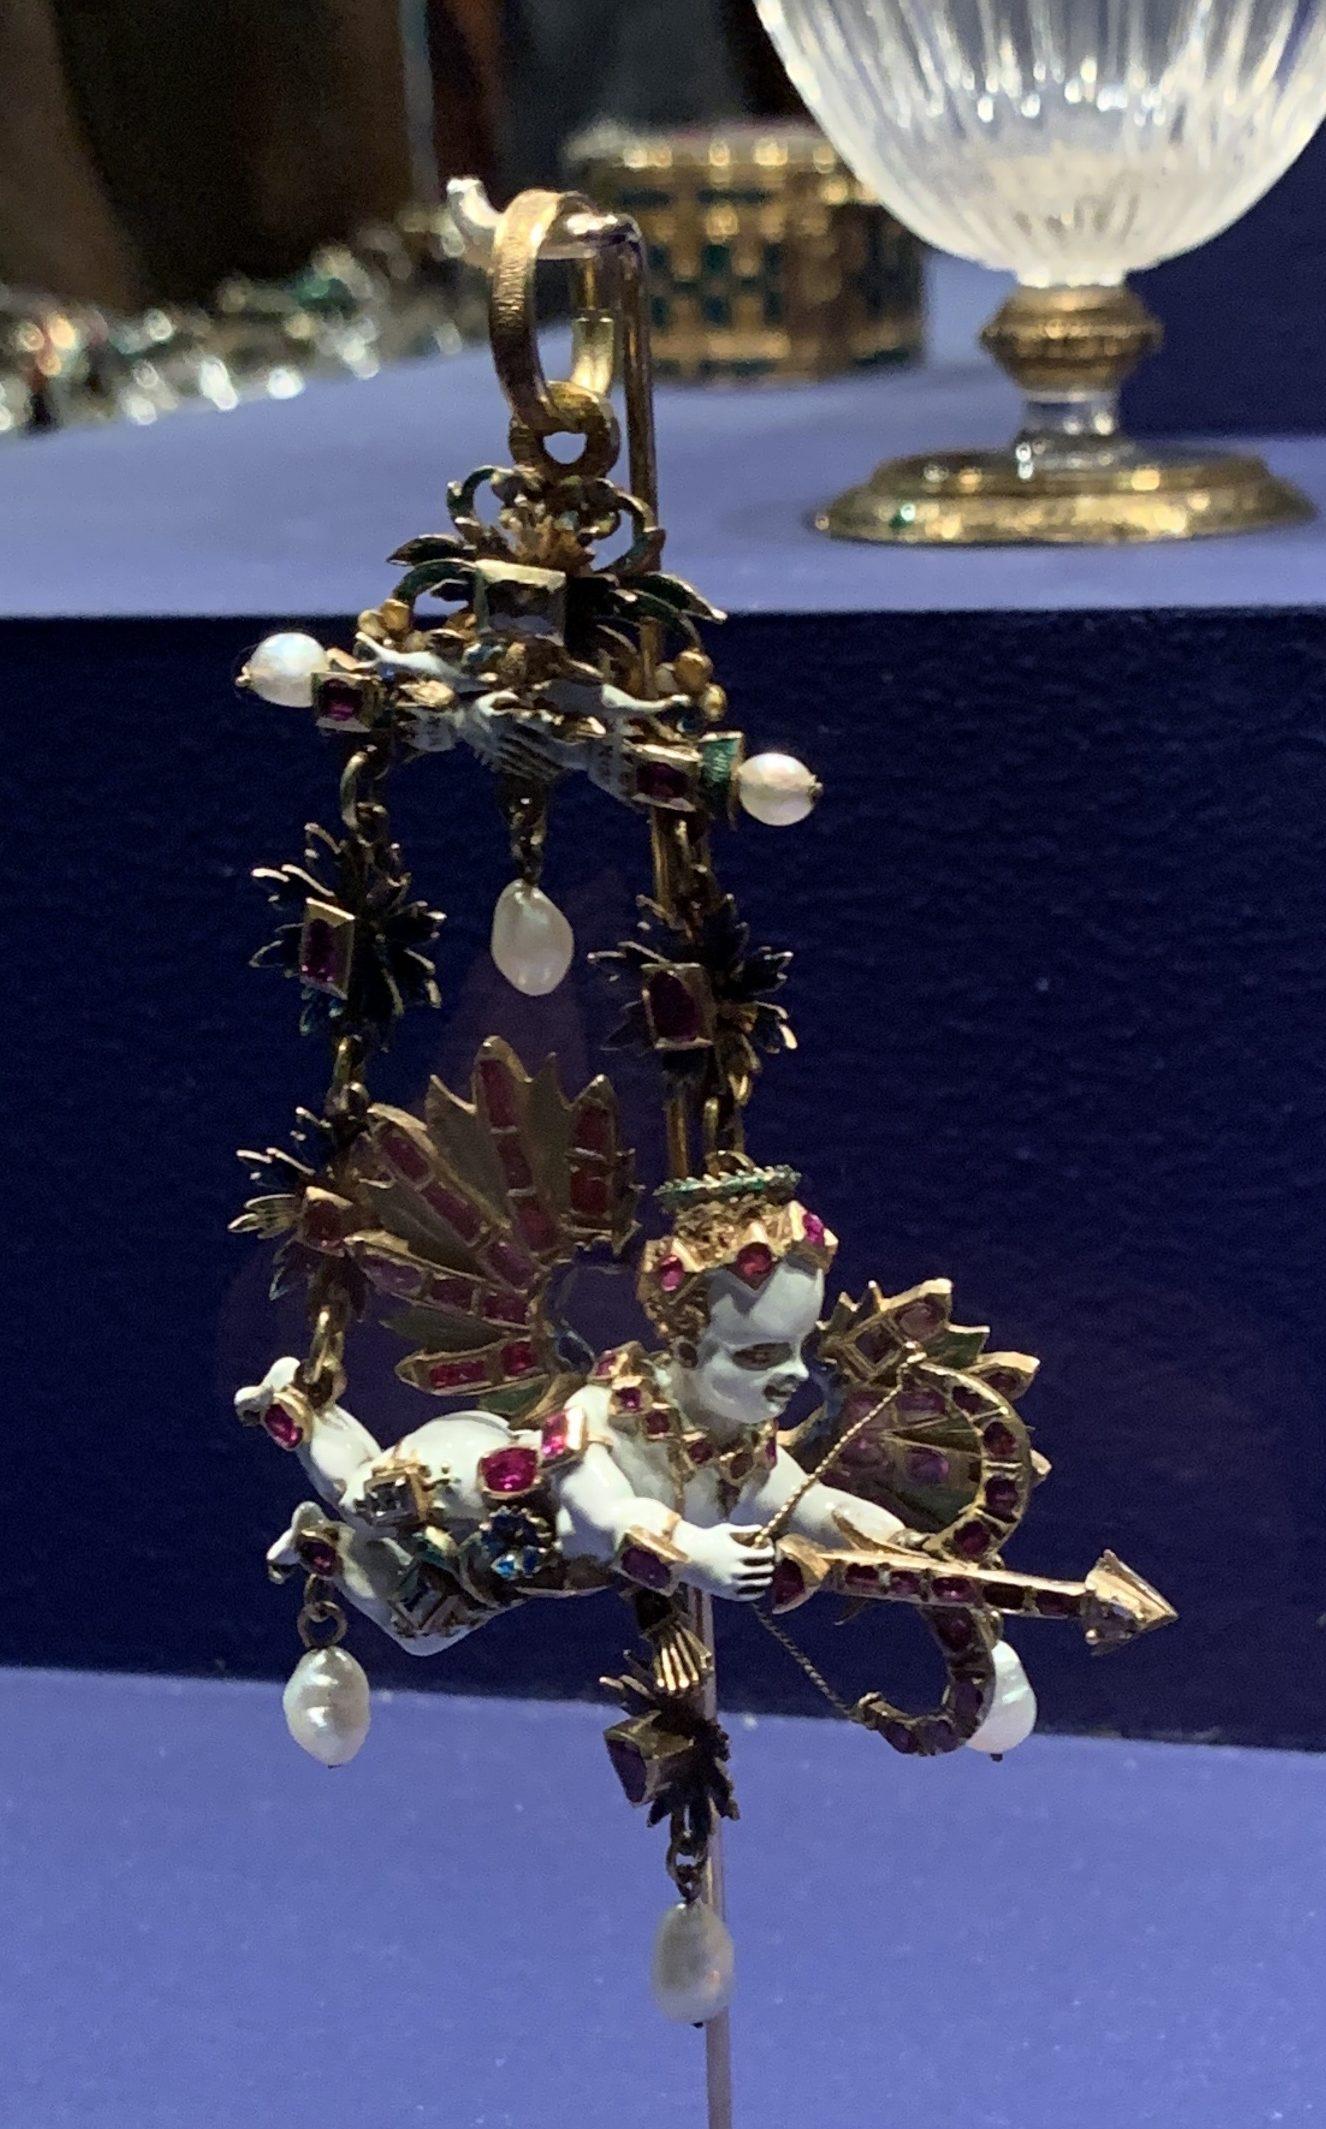 Juwelen! Hermitage Amsterdam, 2019. Amor, hanger, circa 1580. Foto met dank aan SAF, Astrid Berens©